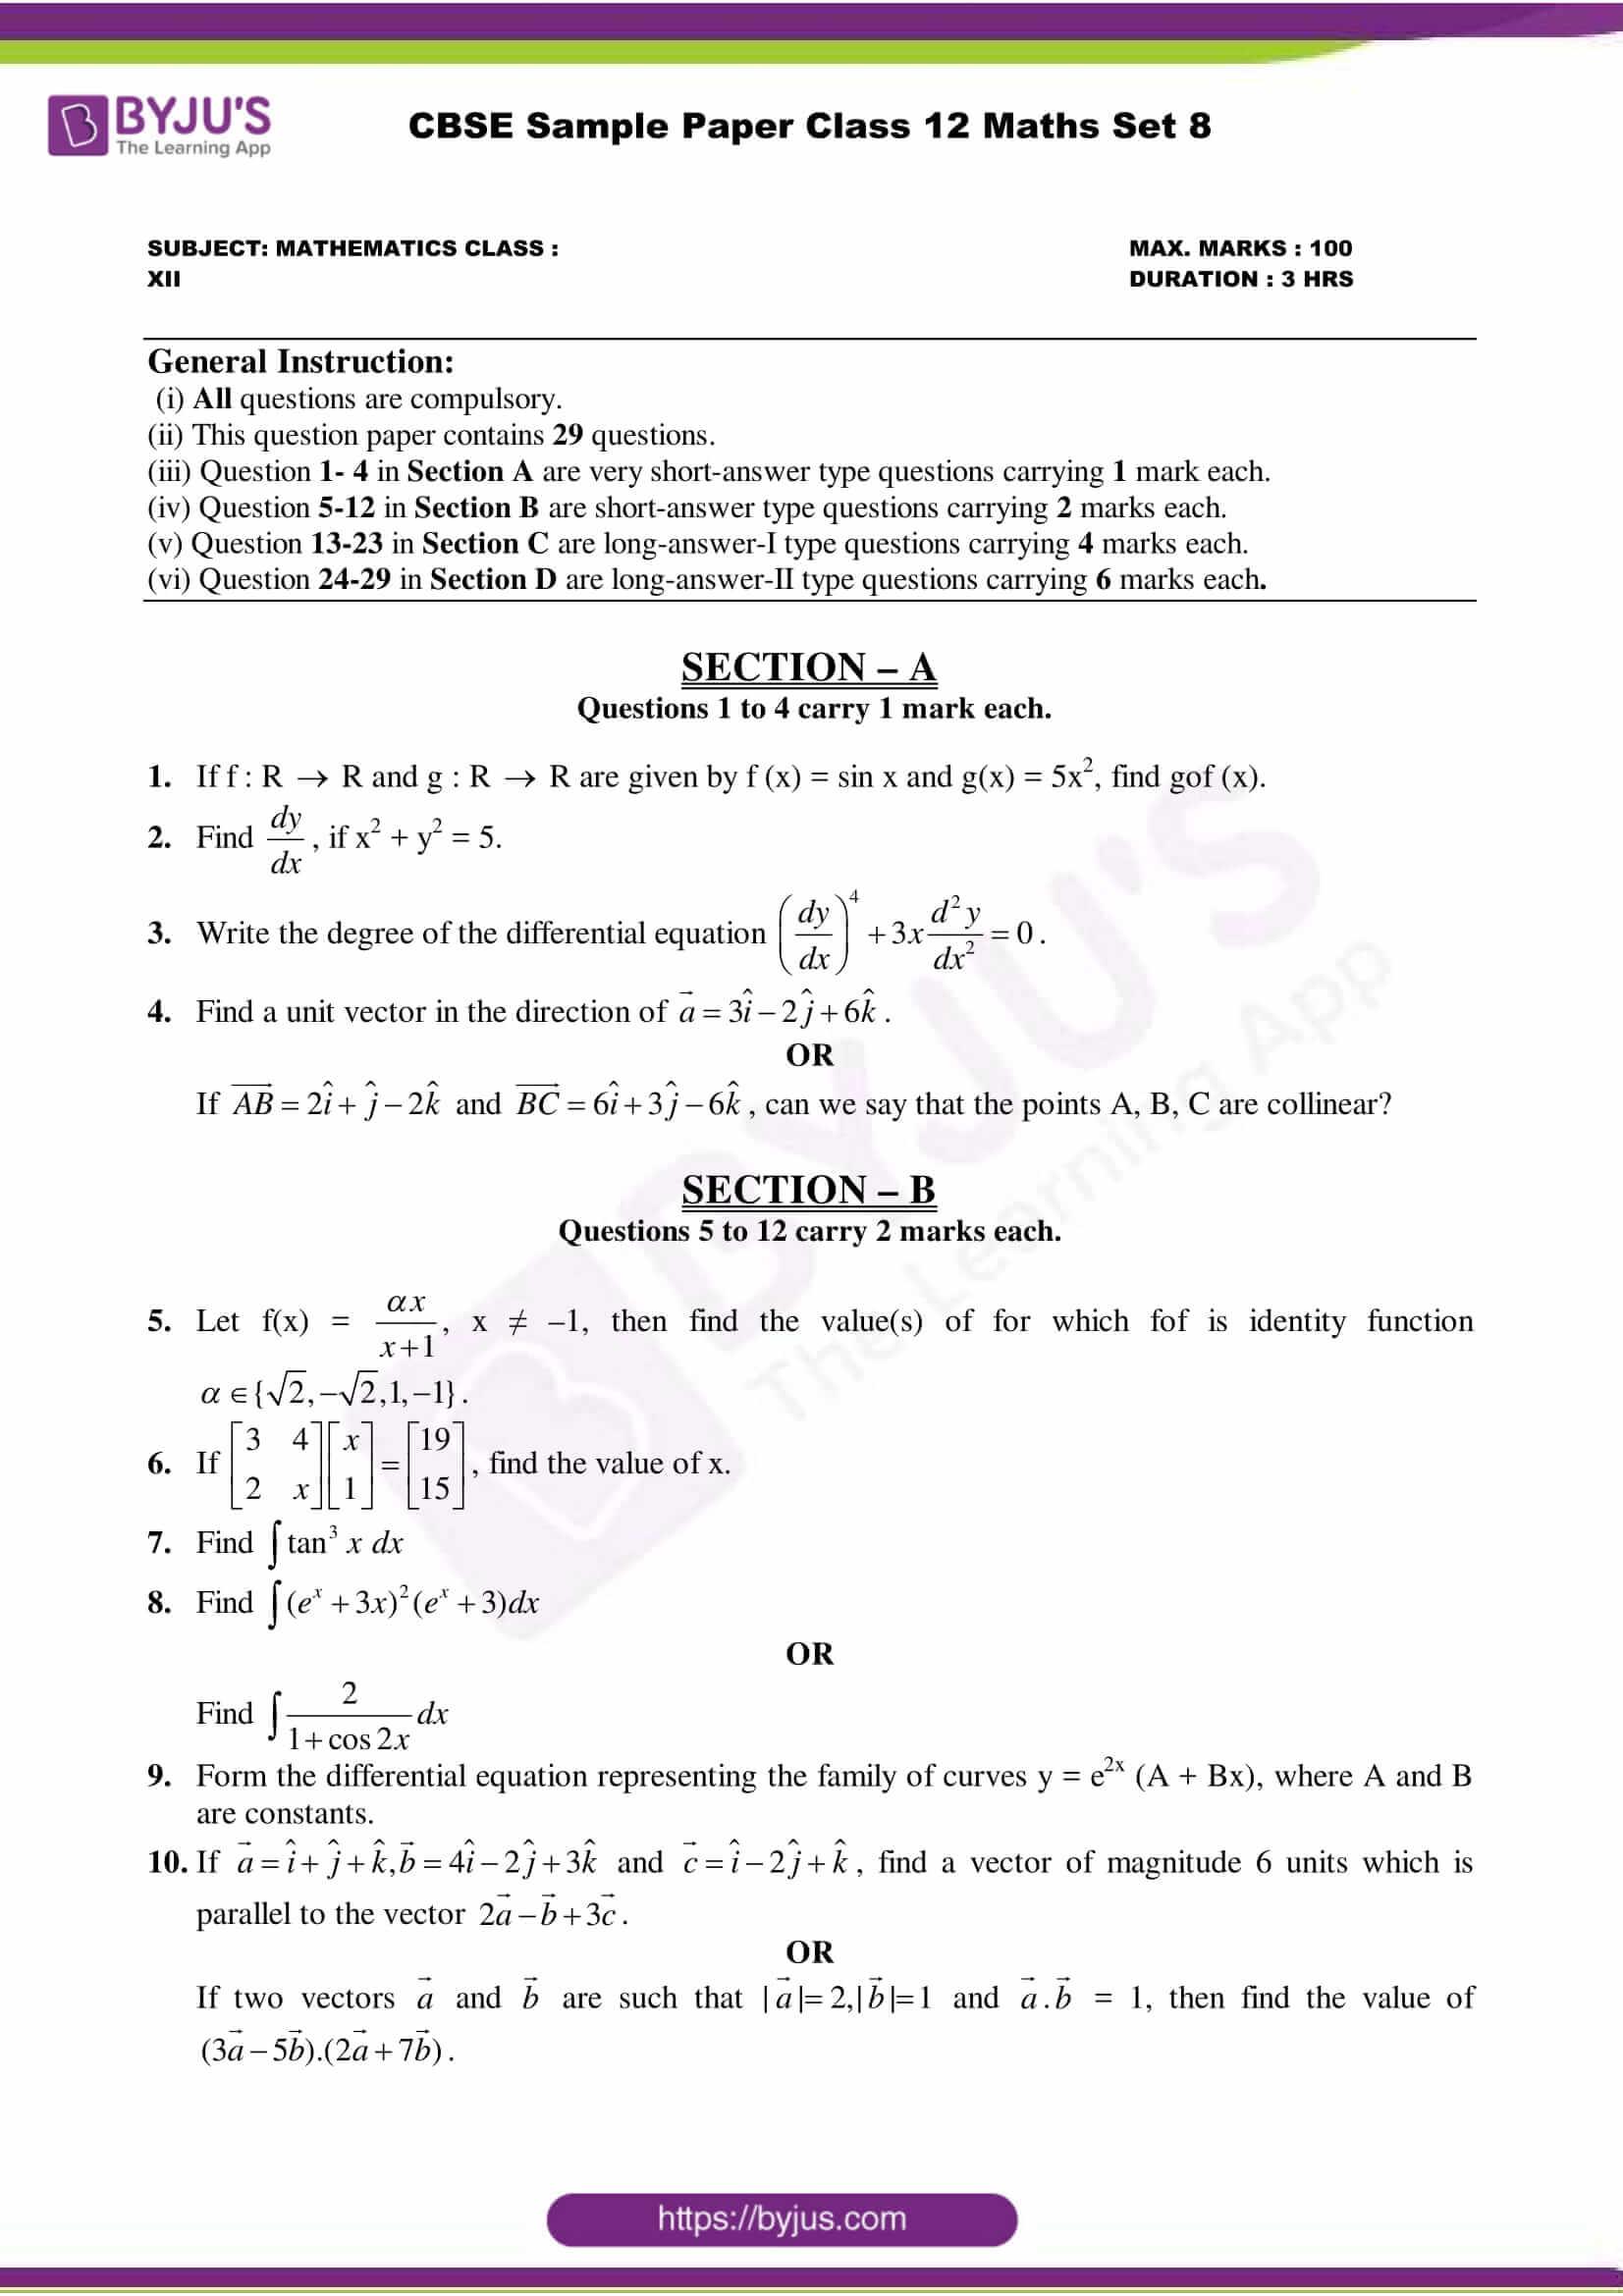 cbse class 12 maths sample paper set 8